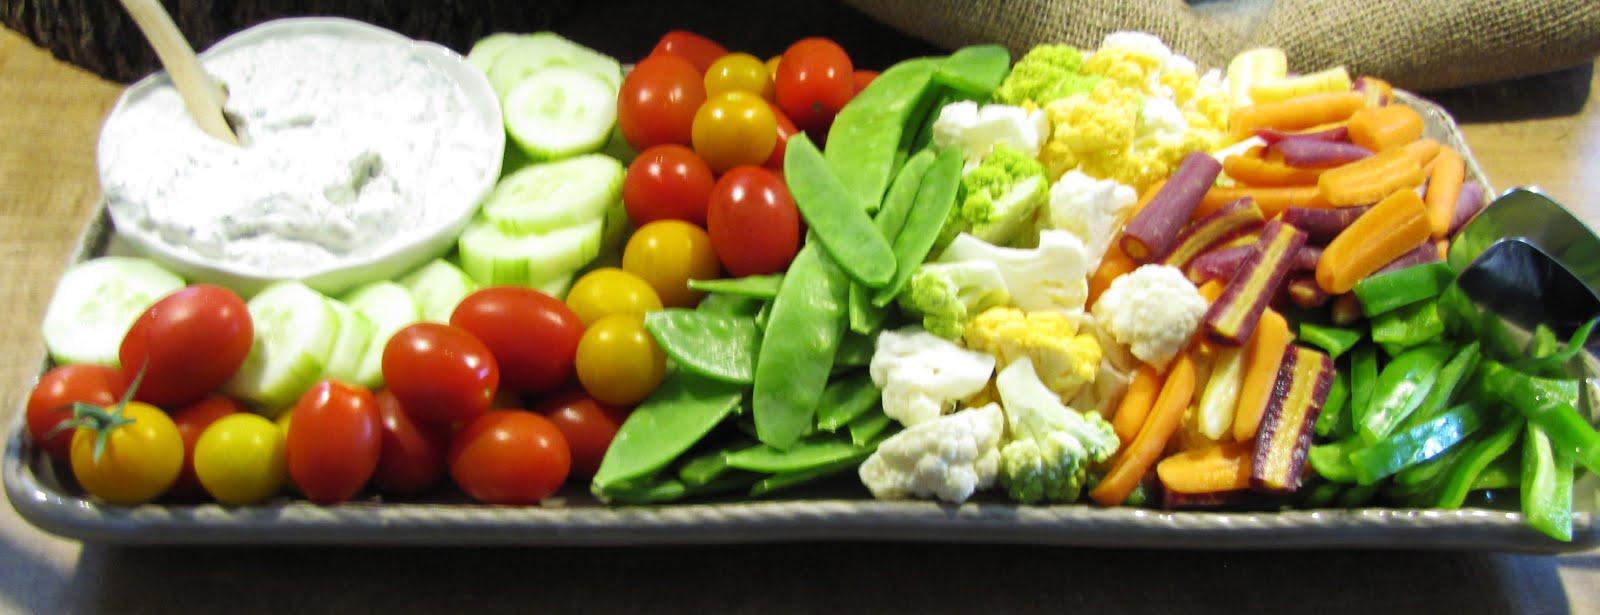 Fresh Vegetable Platter